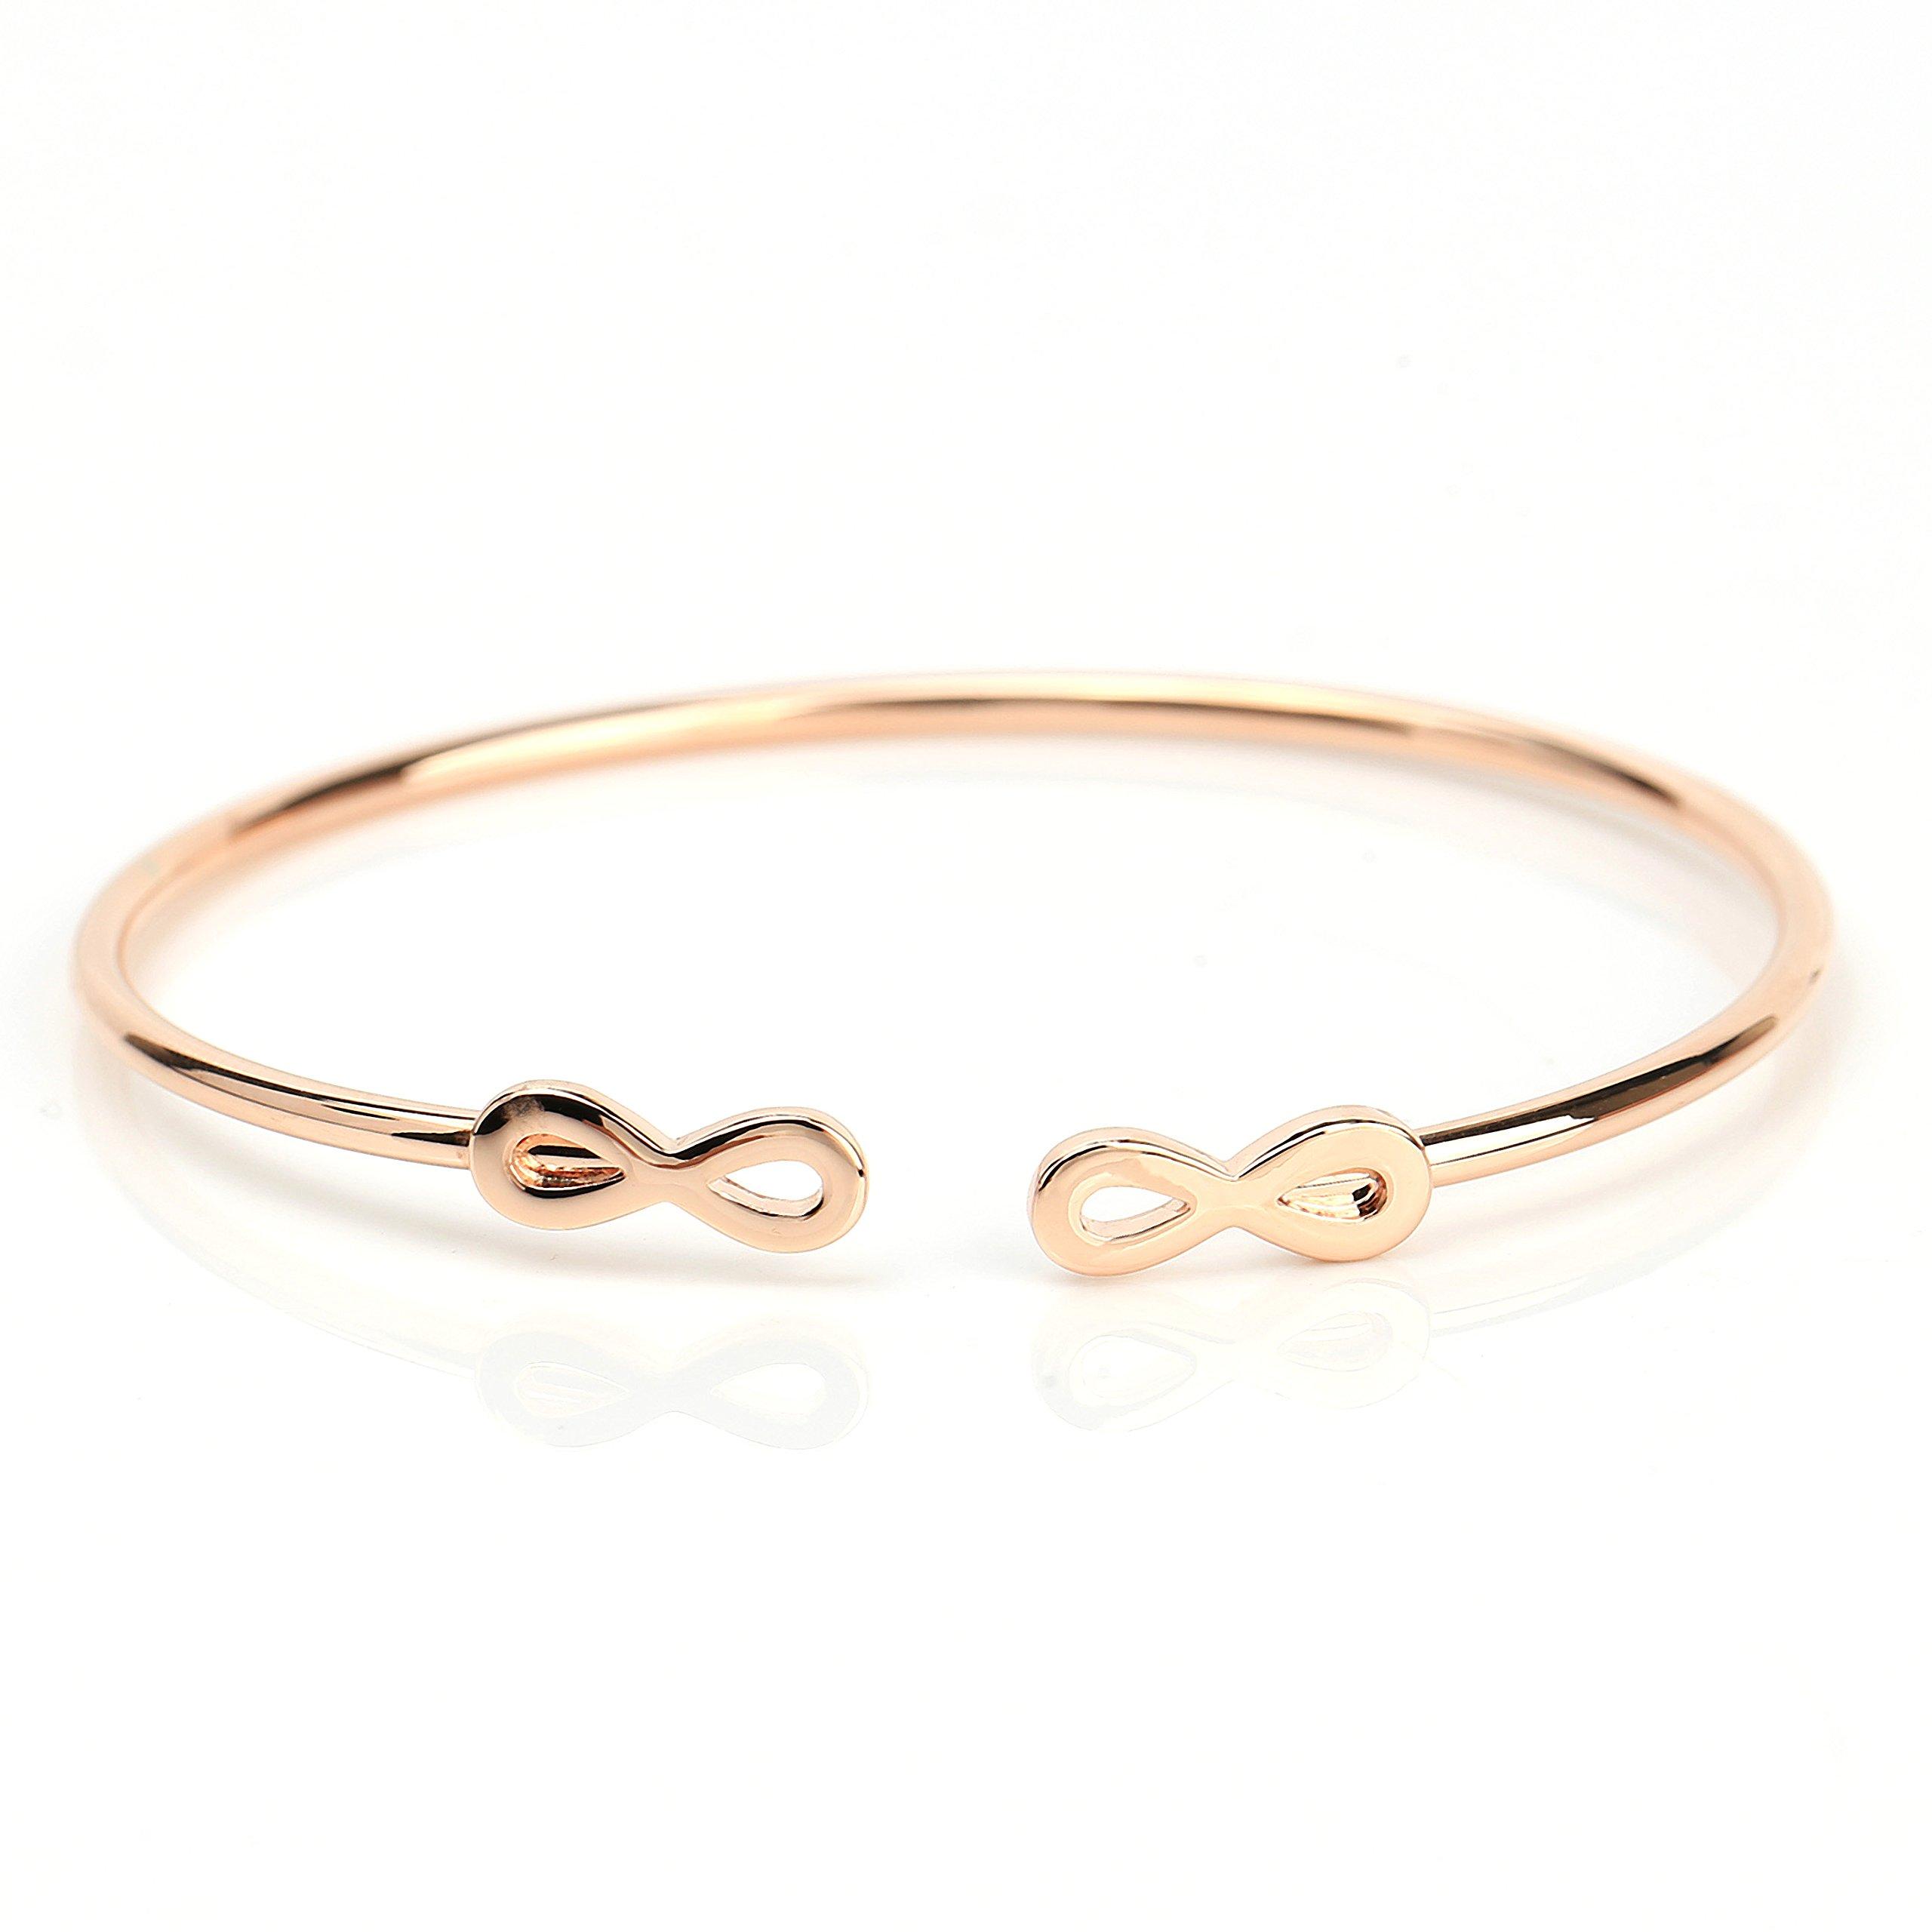 United Elegance Stylish Designer Bangle Bracelet with Contemporary Infinity Design